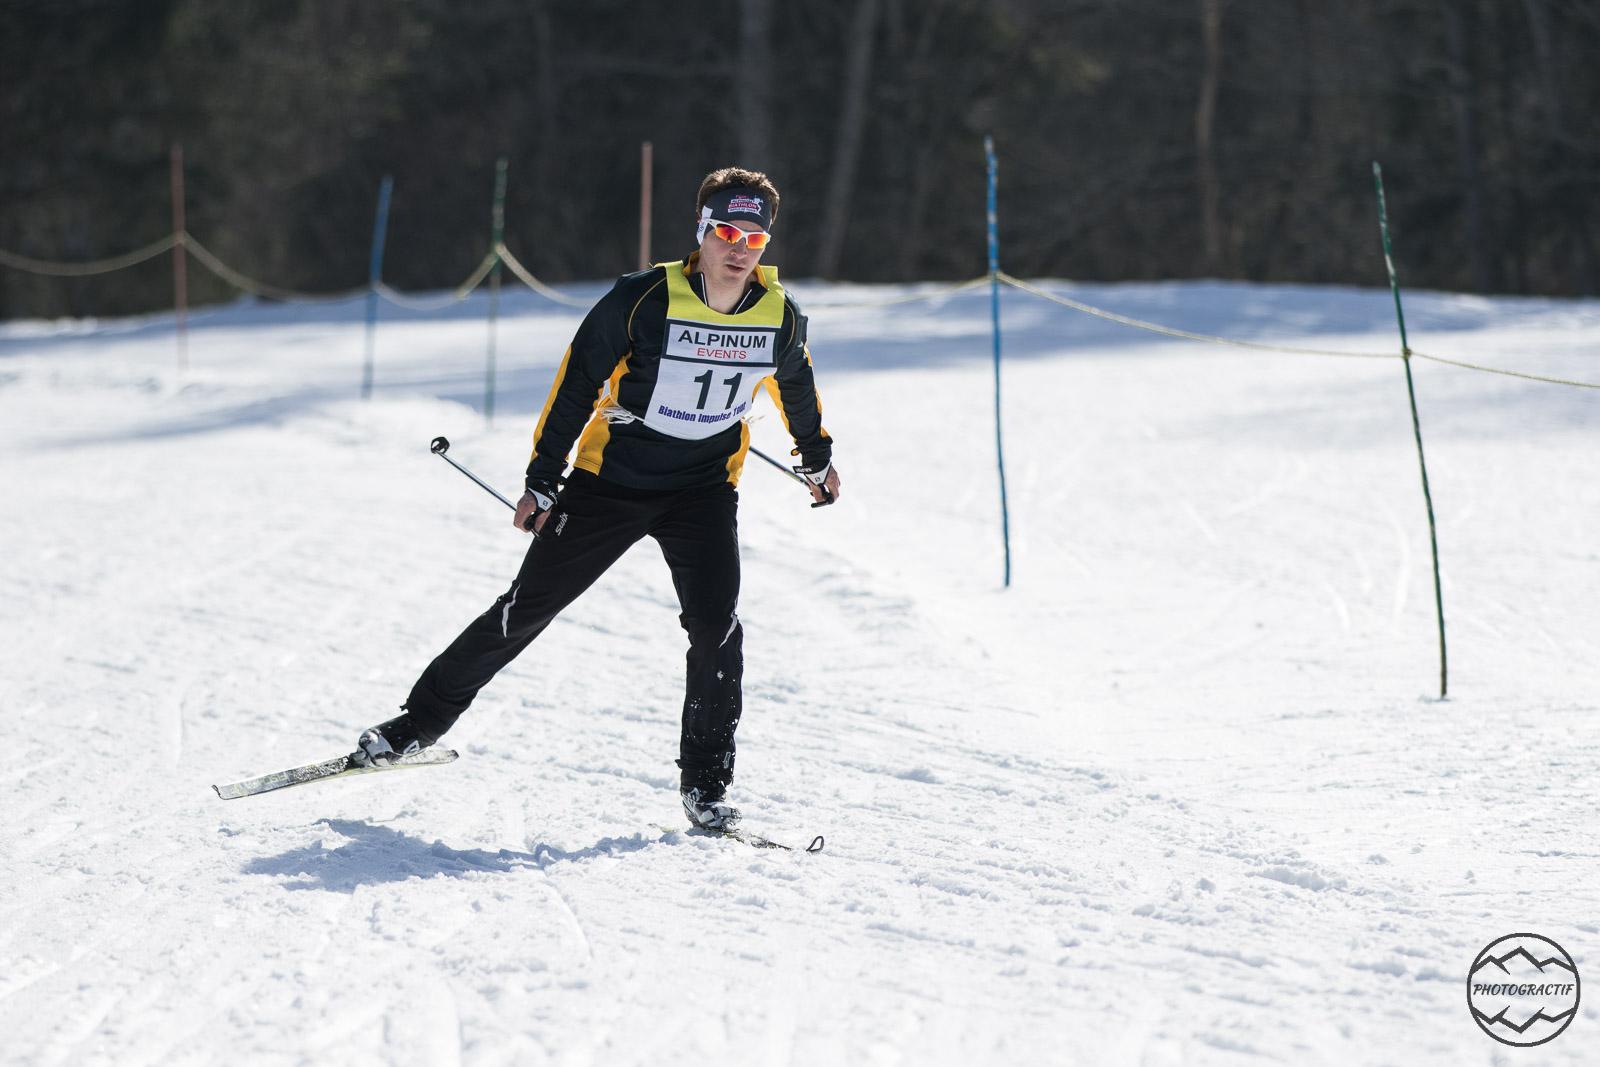 Biathlon Alpinum Les Contamines 2019 (58)